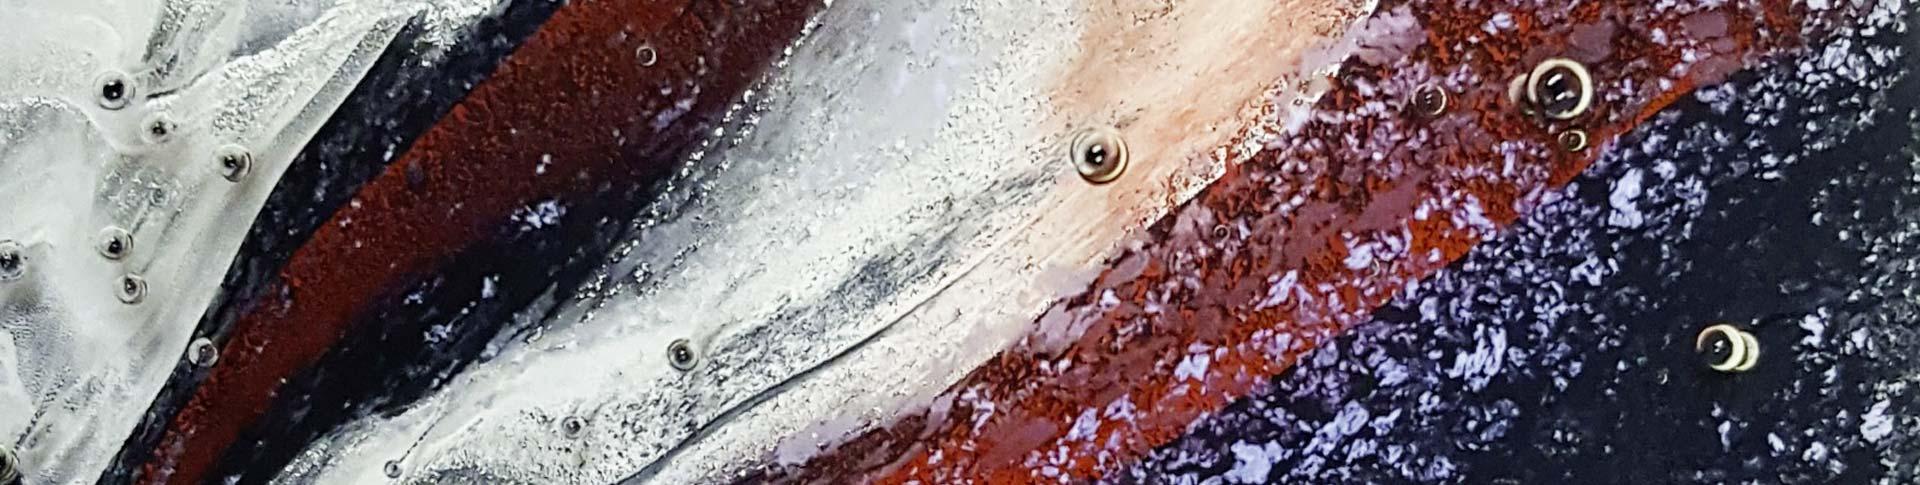 Farben Brück in Dillingen, Saarland! Die Profis für Farben, Designbeläge / Tapeten, Jalousien, Rollos, Insektenschutz- und Sonnenschutzanlagen